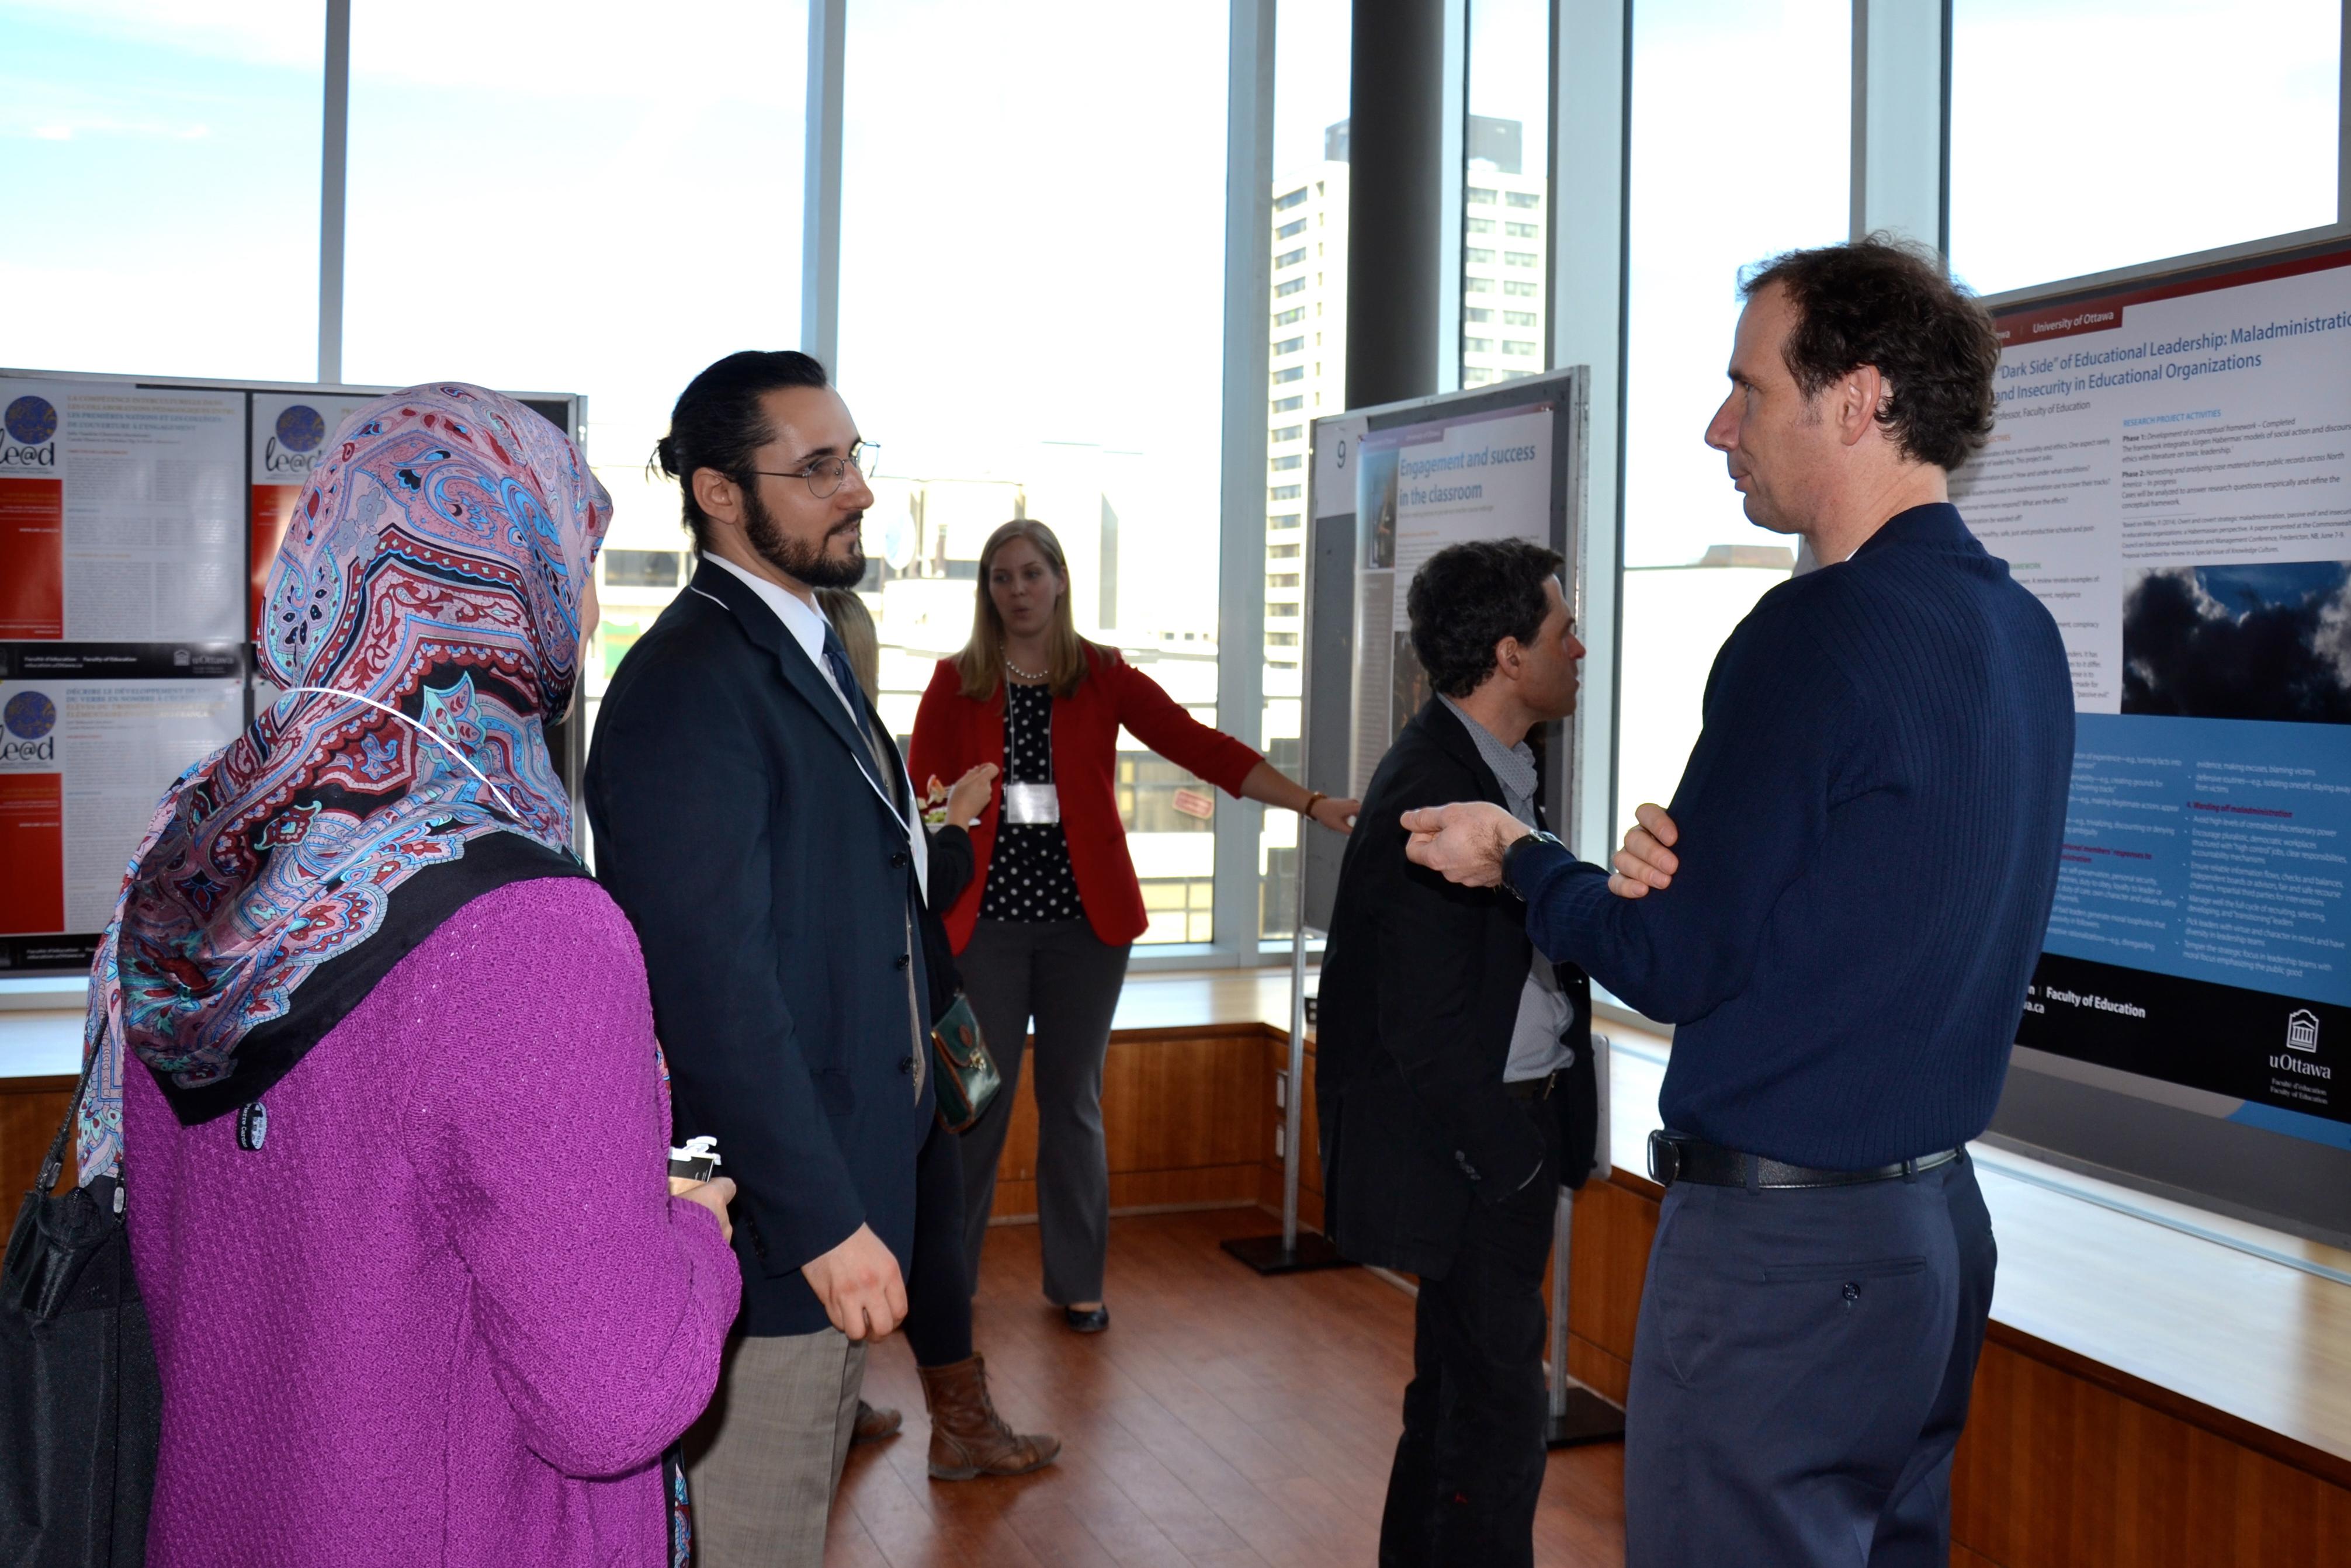 Des participants discutent leurs recherches avec la communauté universitaire au Symposium